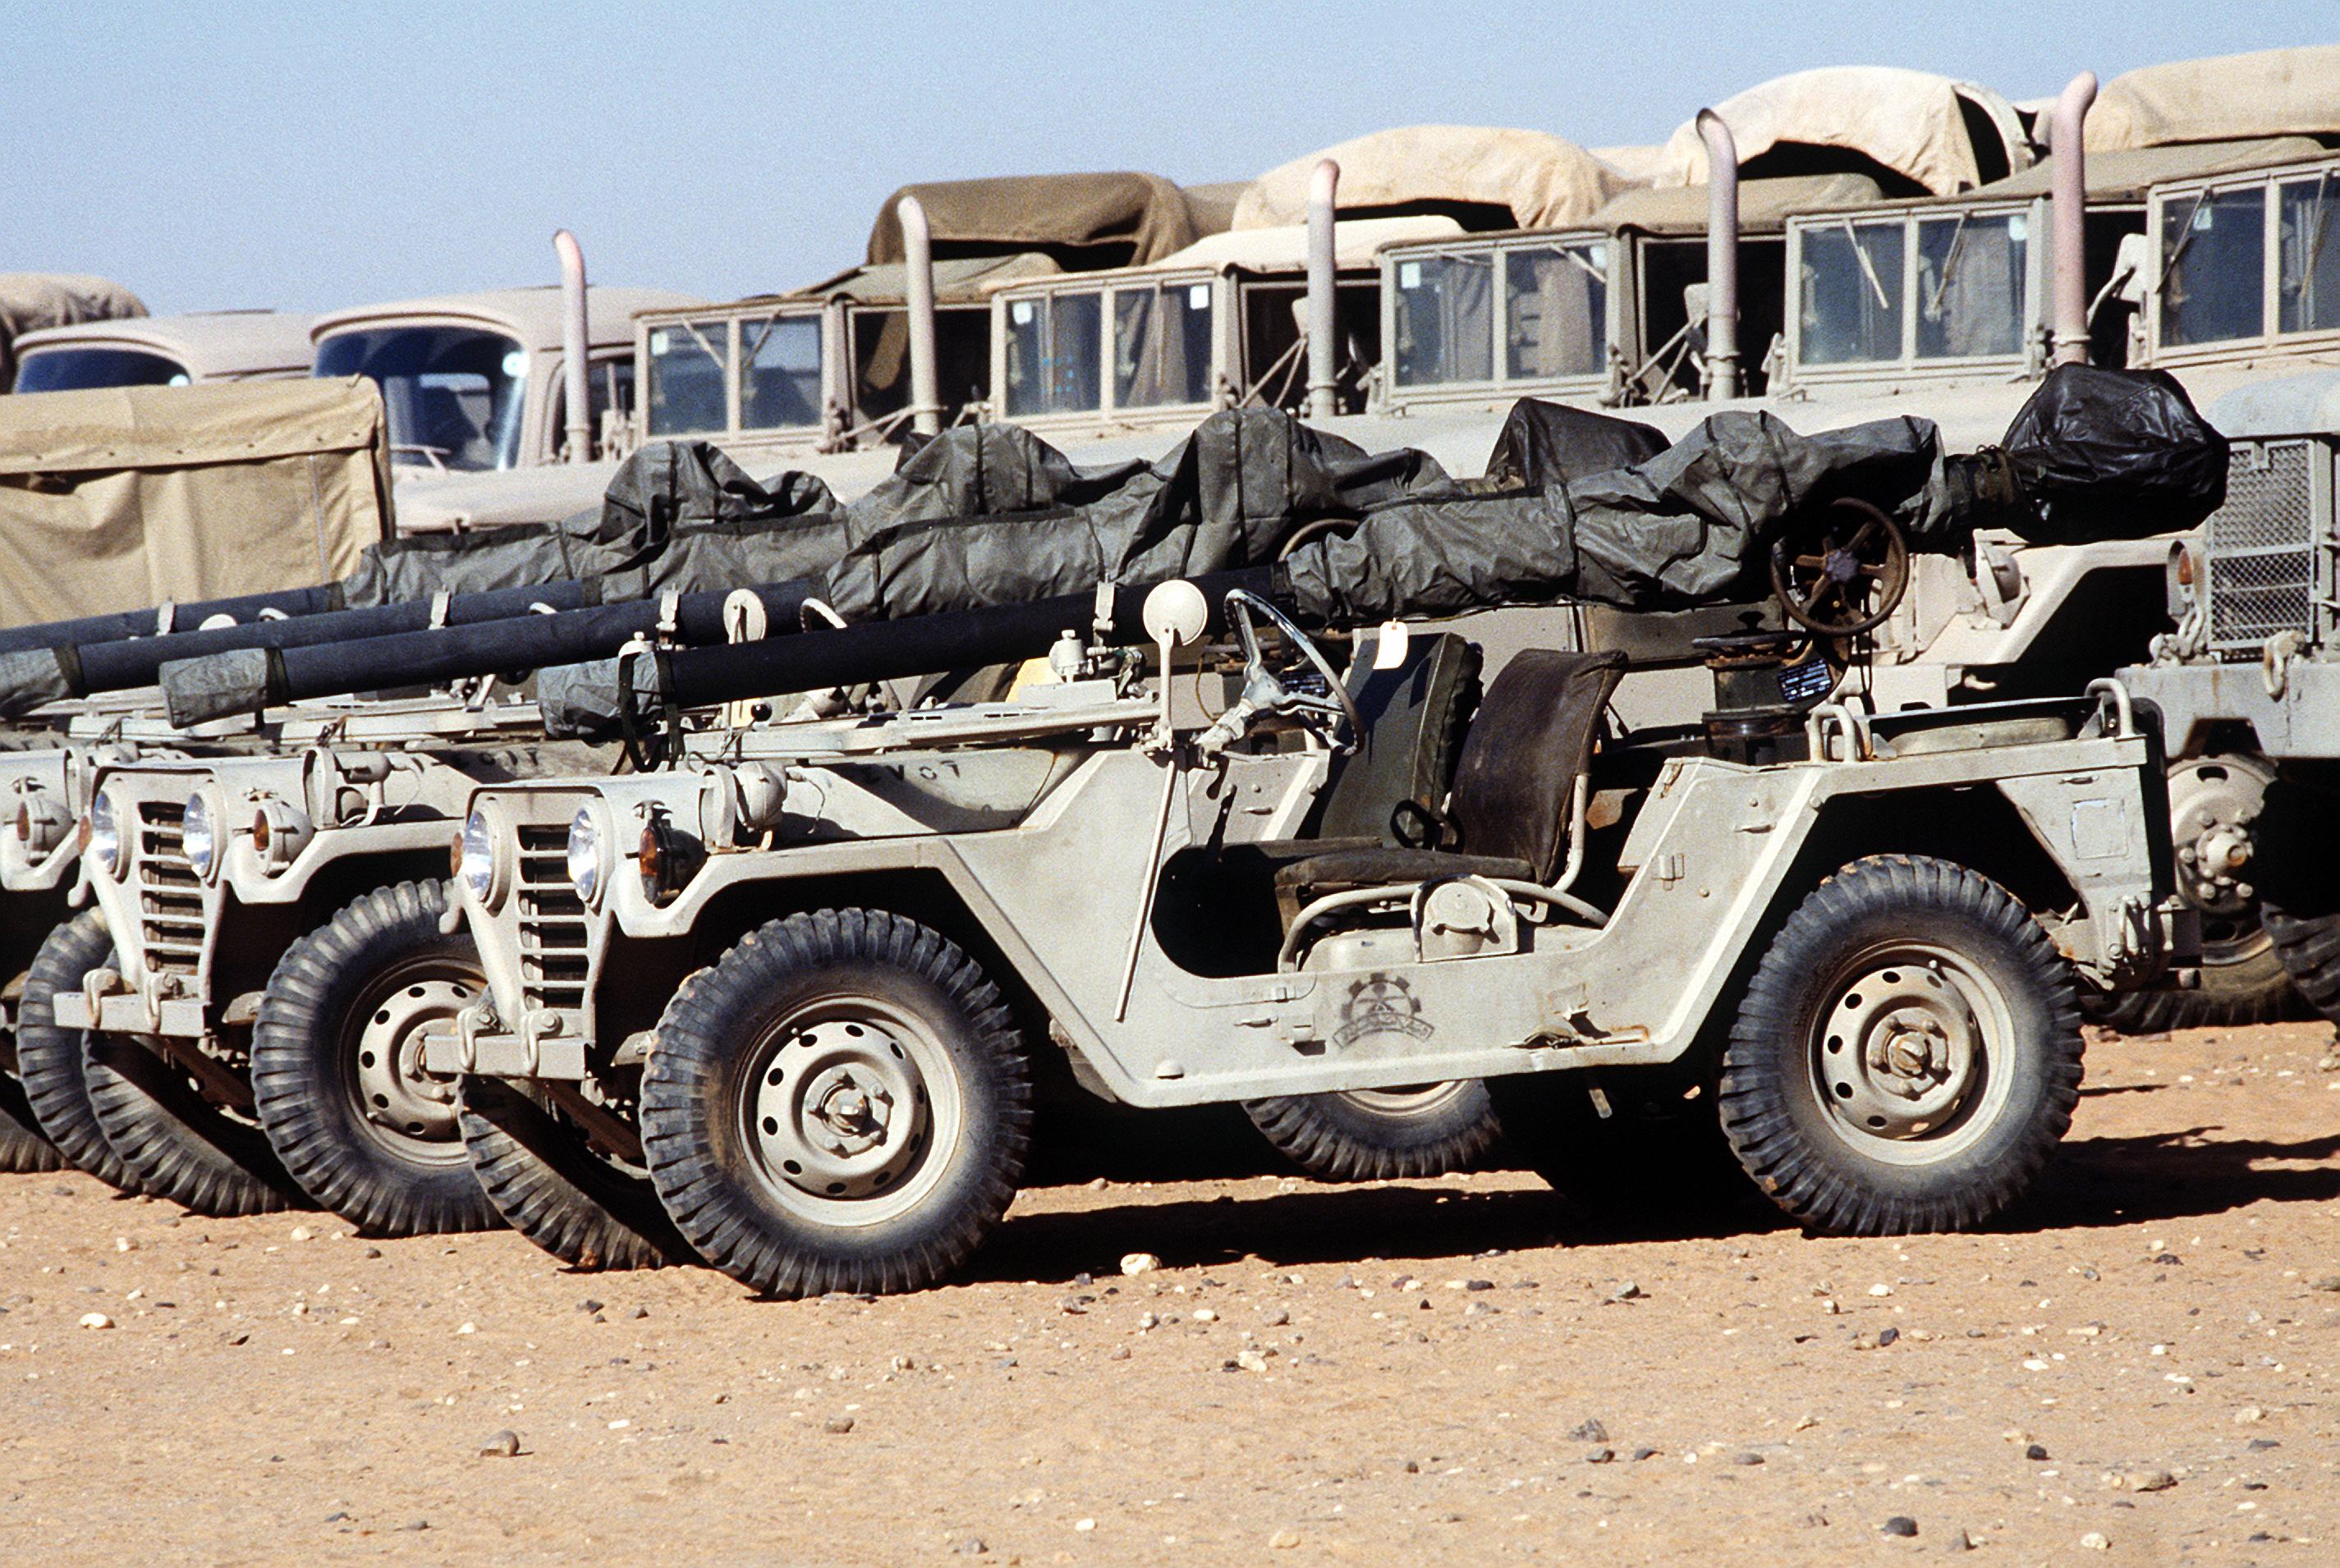 M151 Mutt Military Wiki Fandom Powered By Wikia